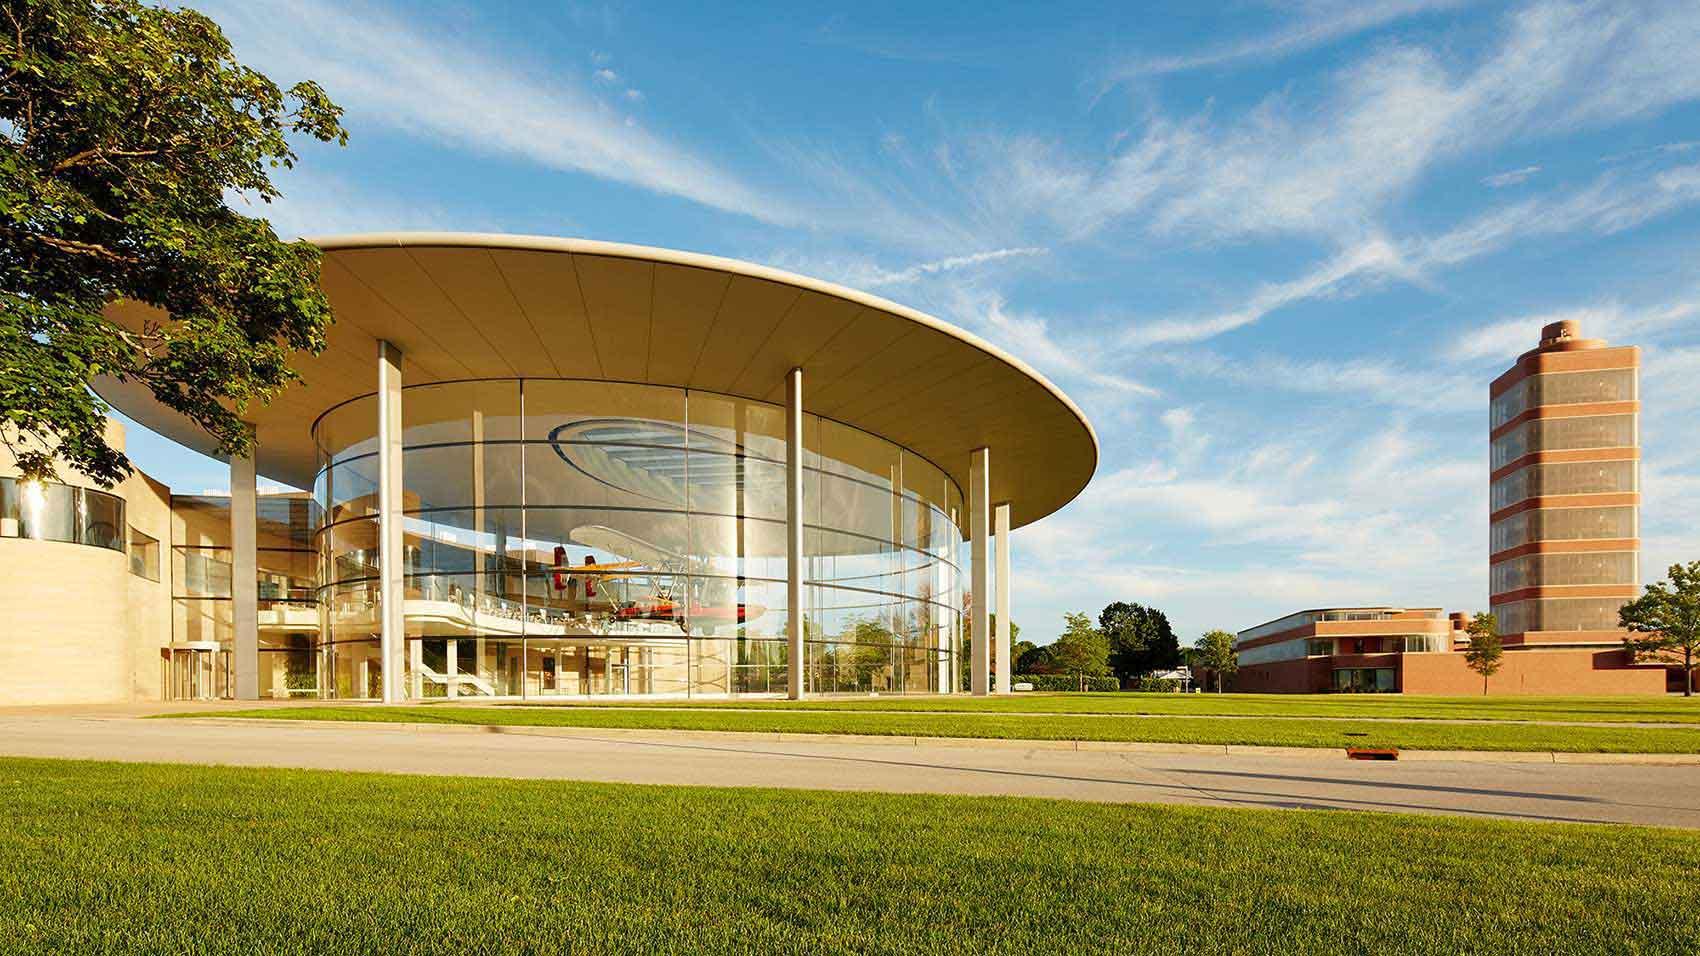 O campus da sede global da SC Johnson com o Fortaleza Hall e a Torre de Pesquisa projetada por Frank Lloyd Wright